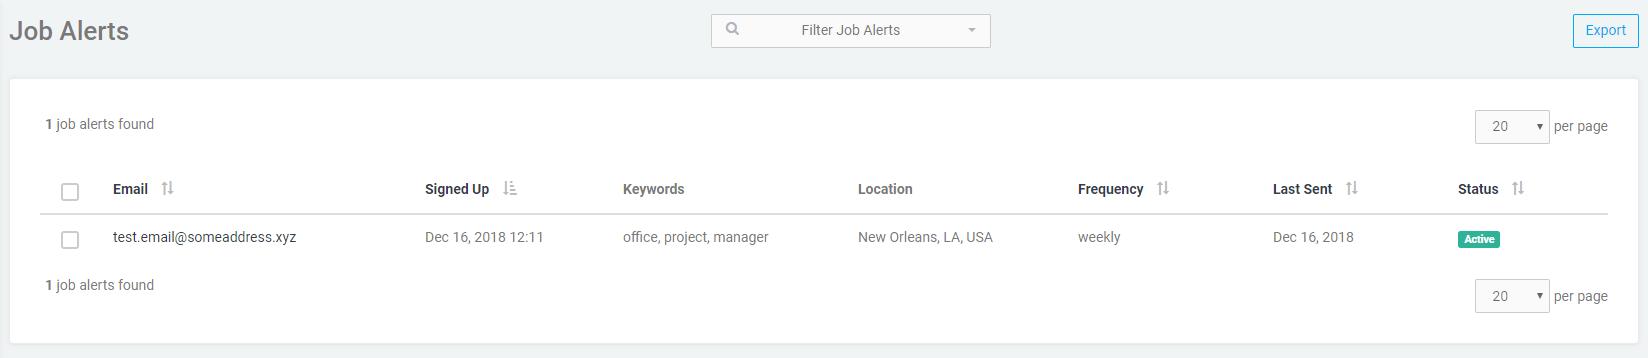 job_alerts